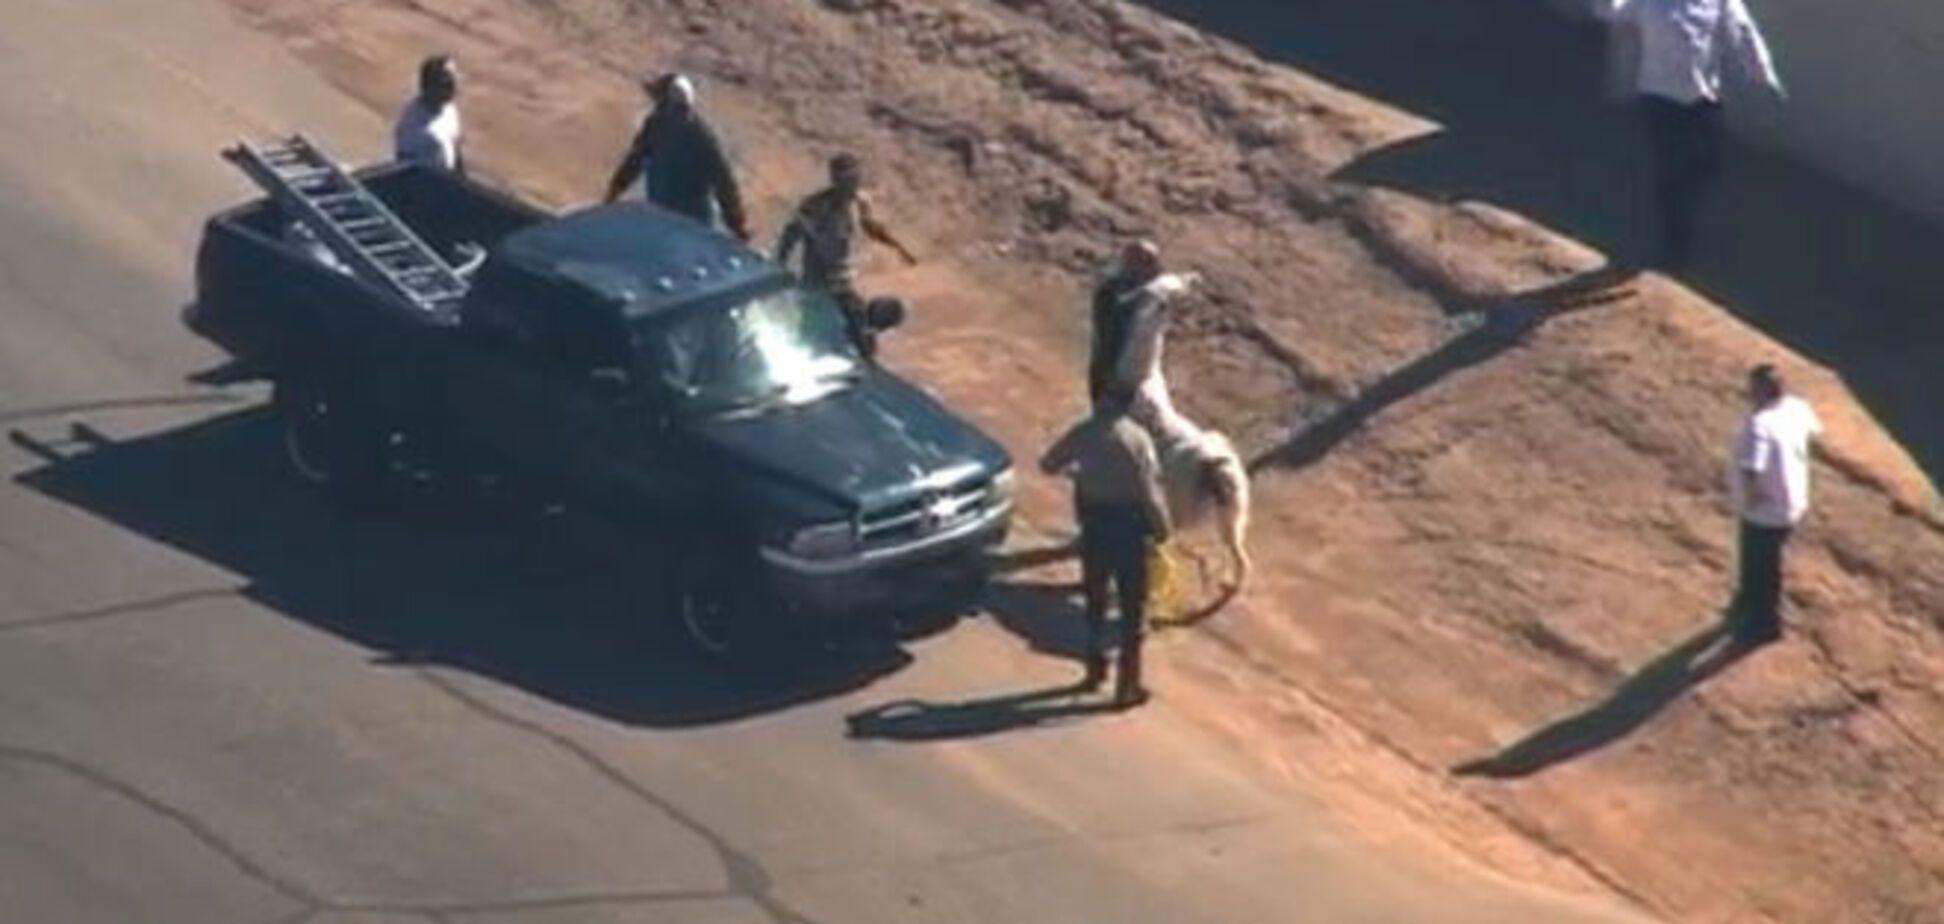 Полицейское 'сафари'. В Аризоне офицеры час гонялись за двумя ламами: фото- и видеофакт